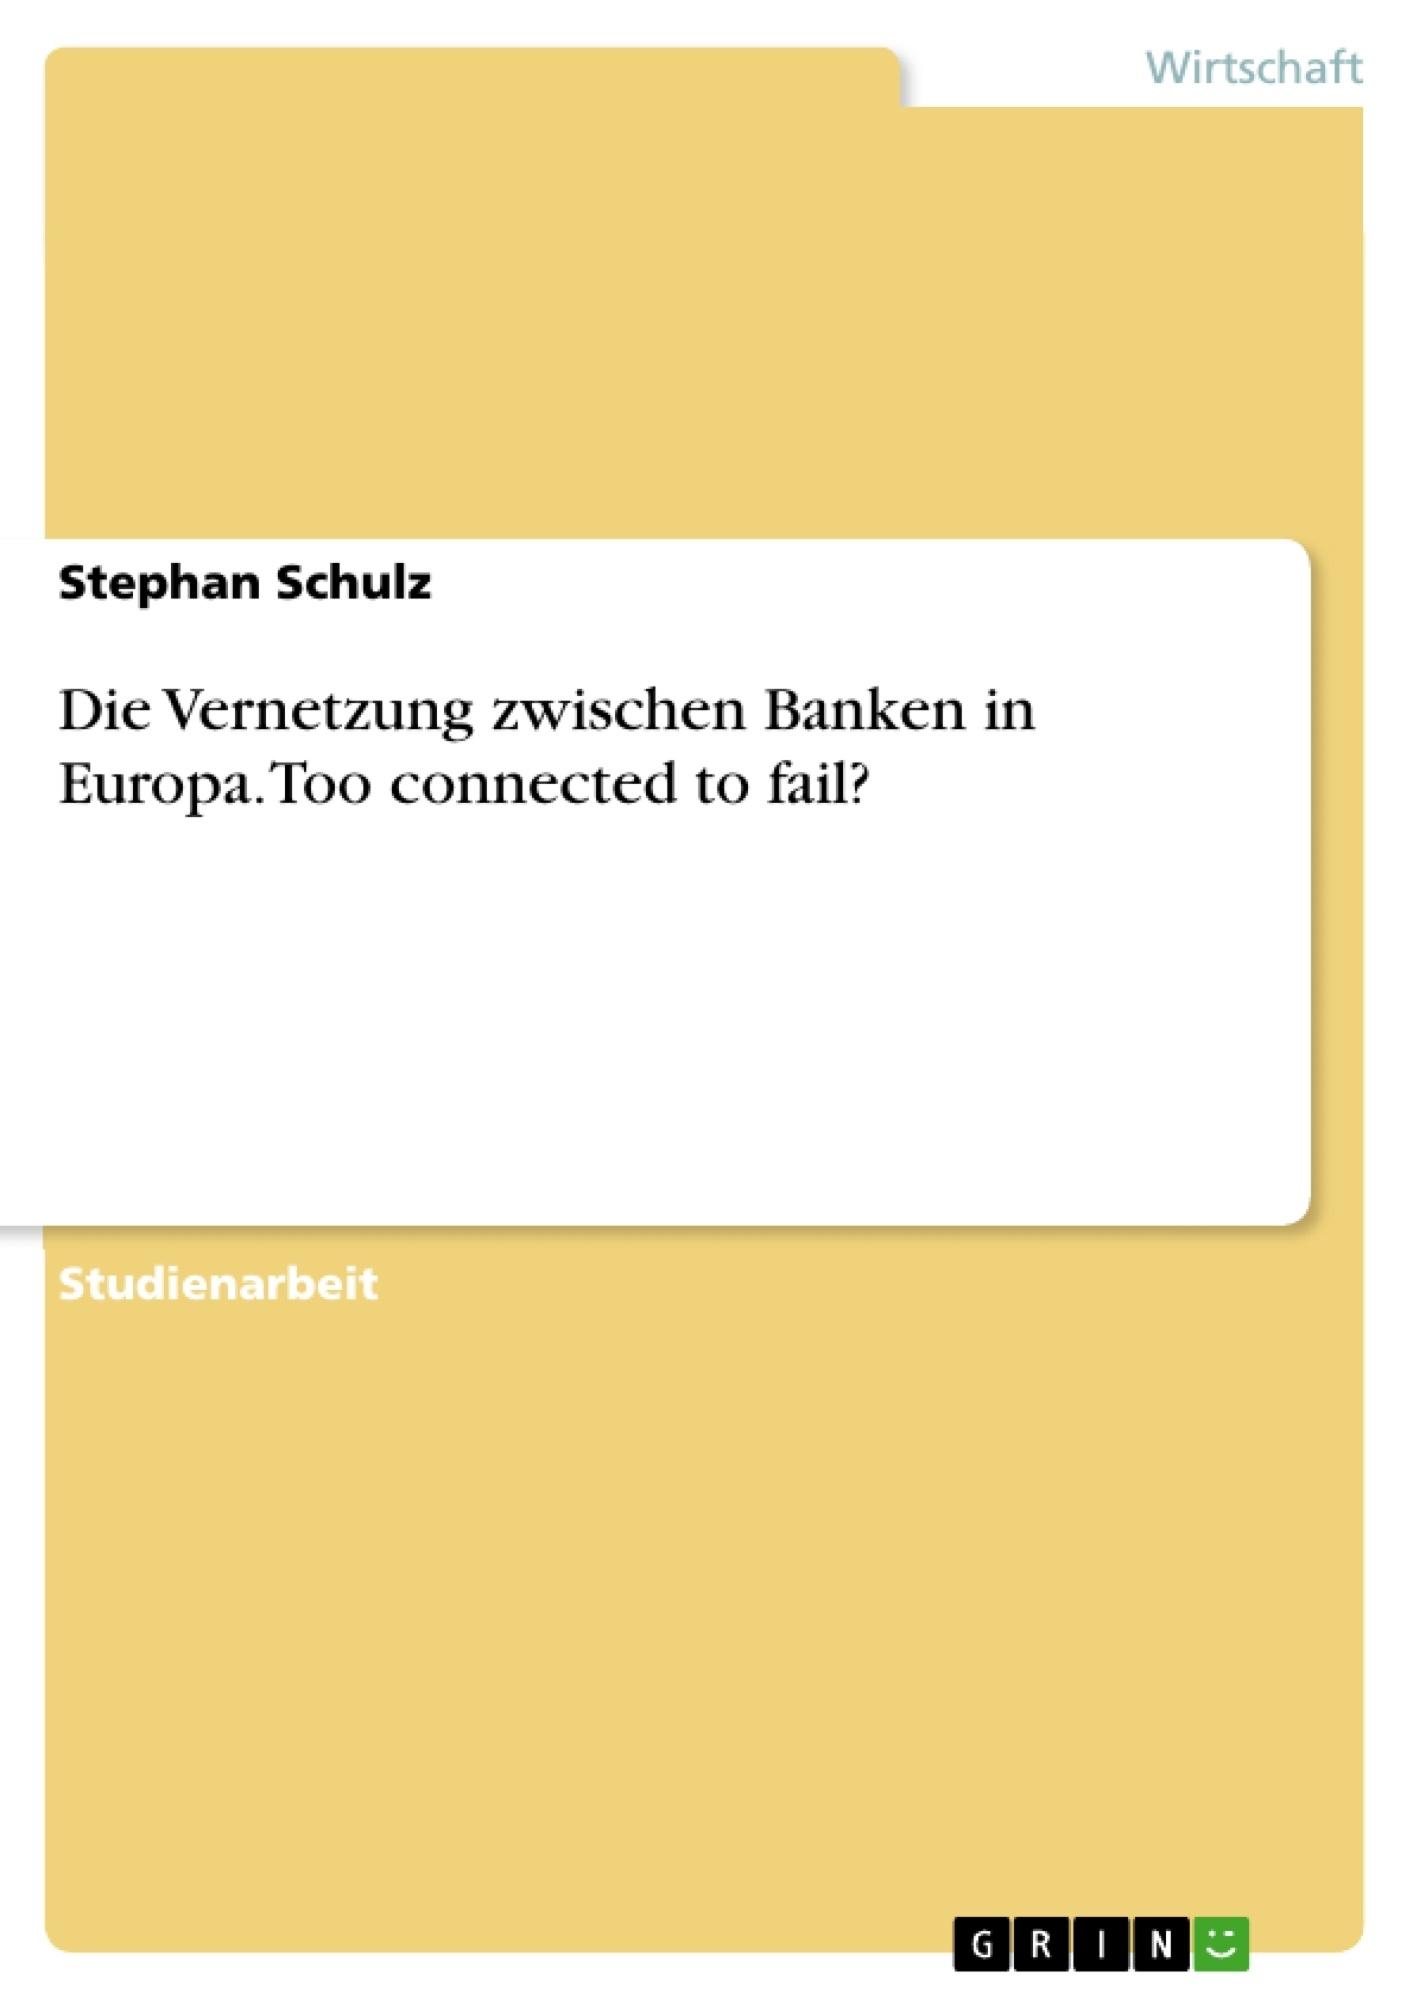 Titel: Die Vernetzung zwischen Banken in Europa. Too connected to fail?